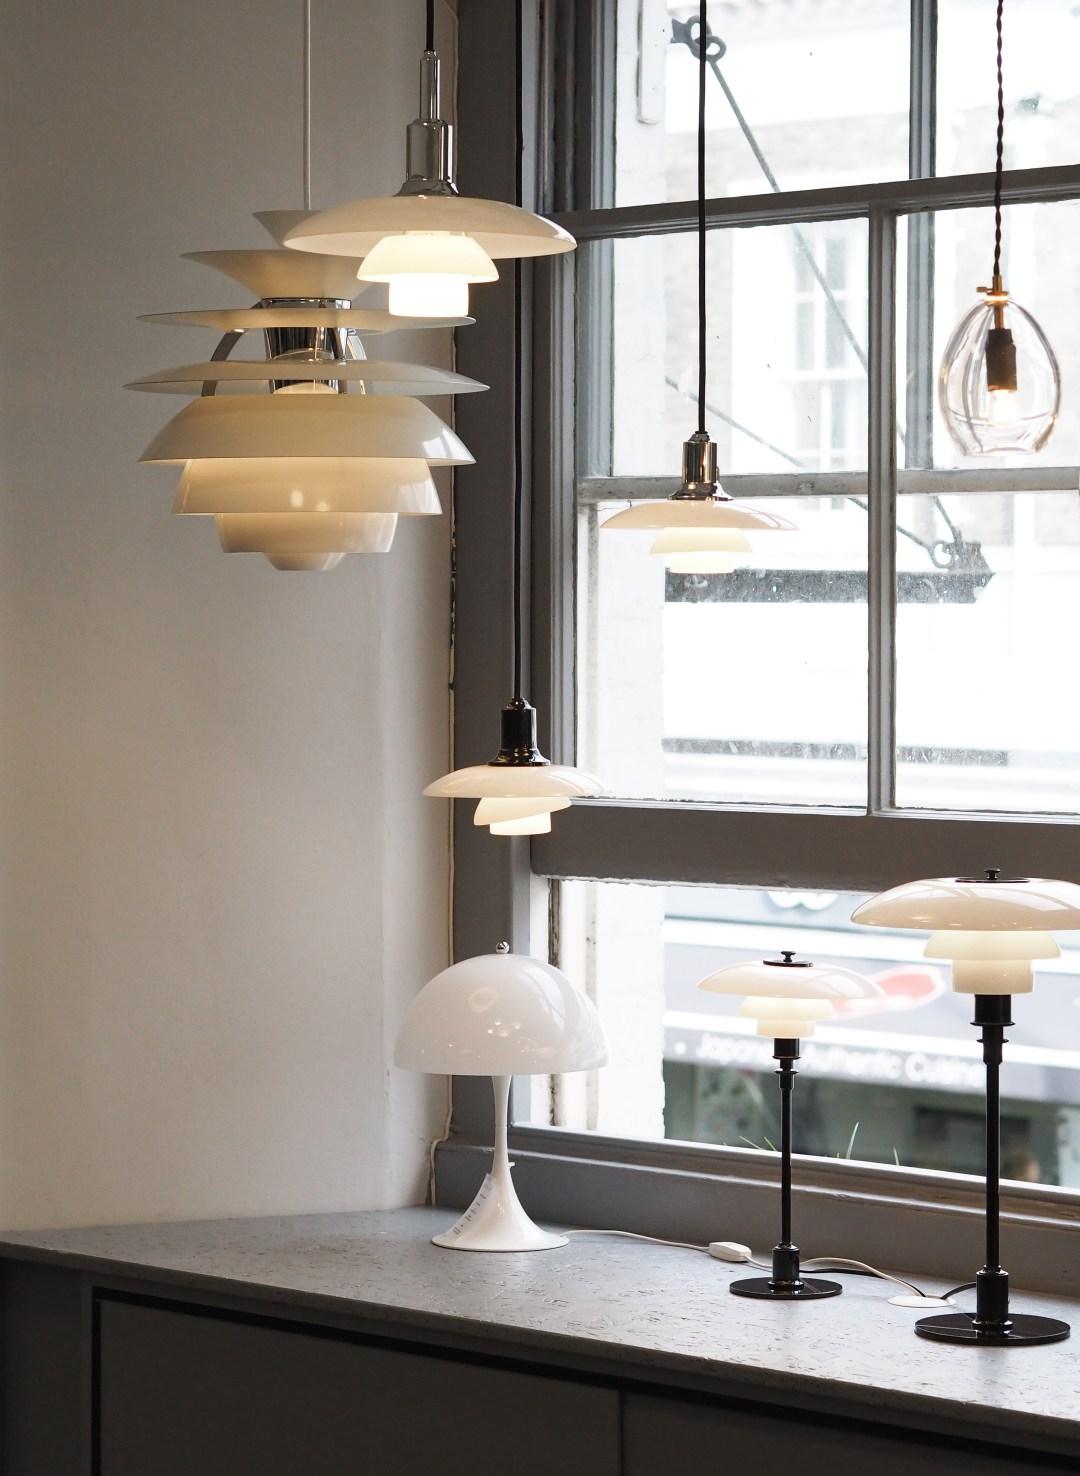 Louis Poulsen lighting, Skandium, Scandinavian design